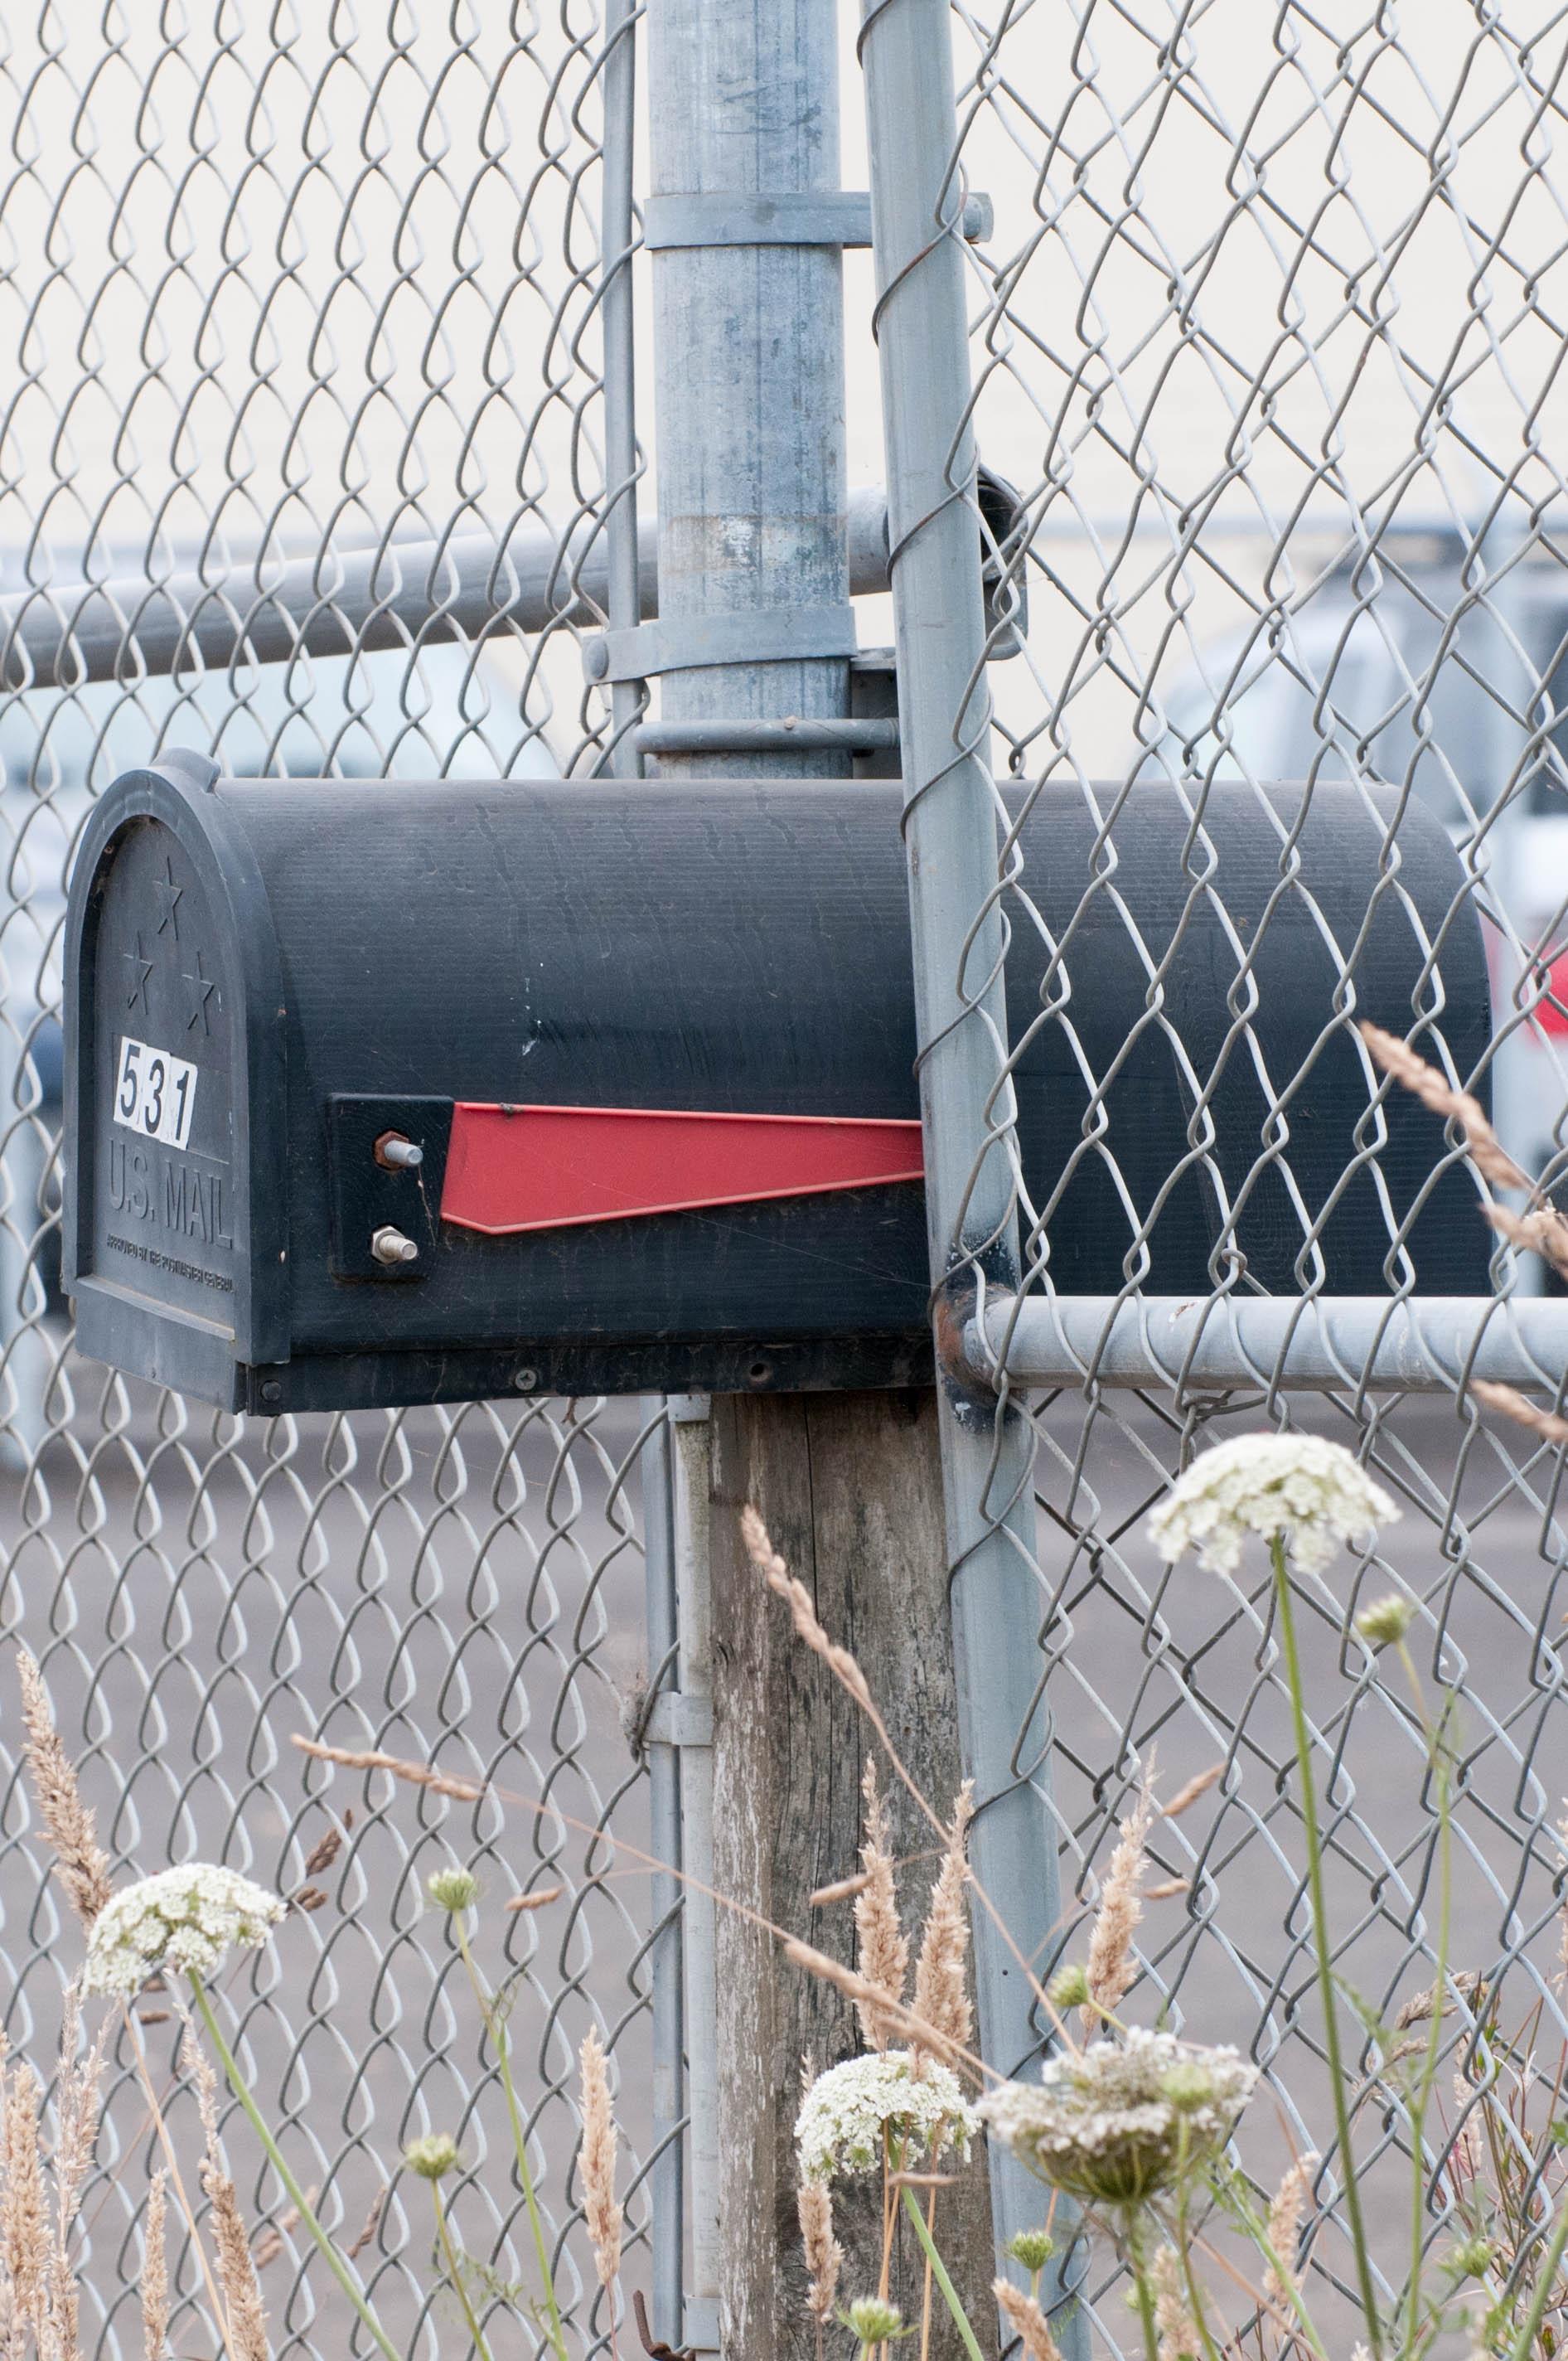 Briefkasten im Zaun